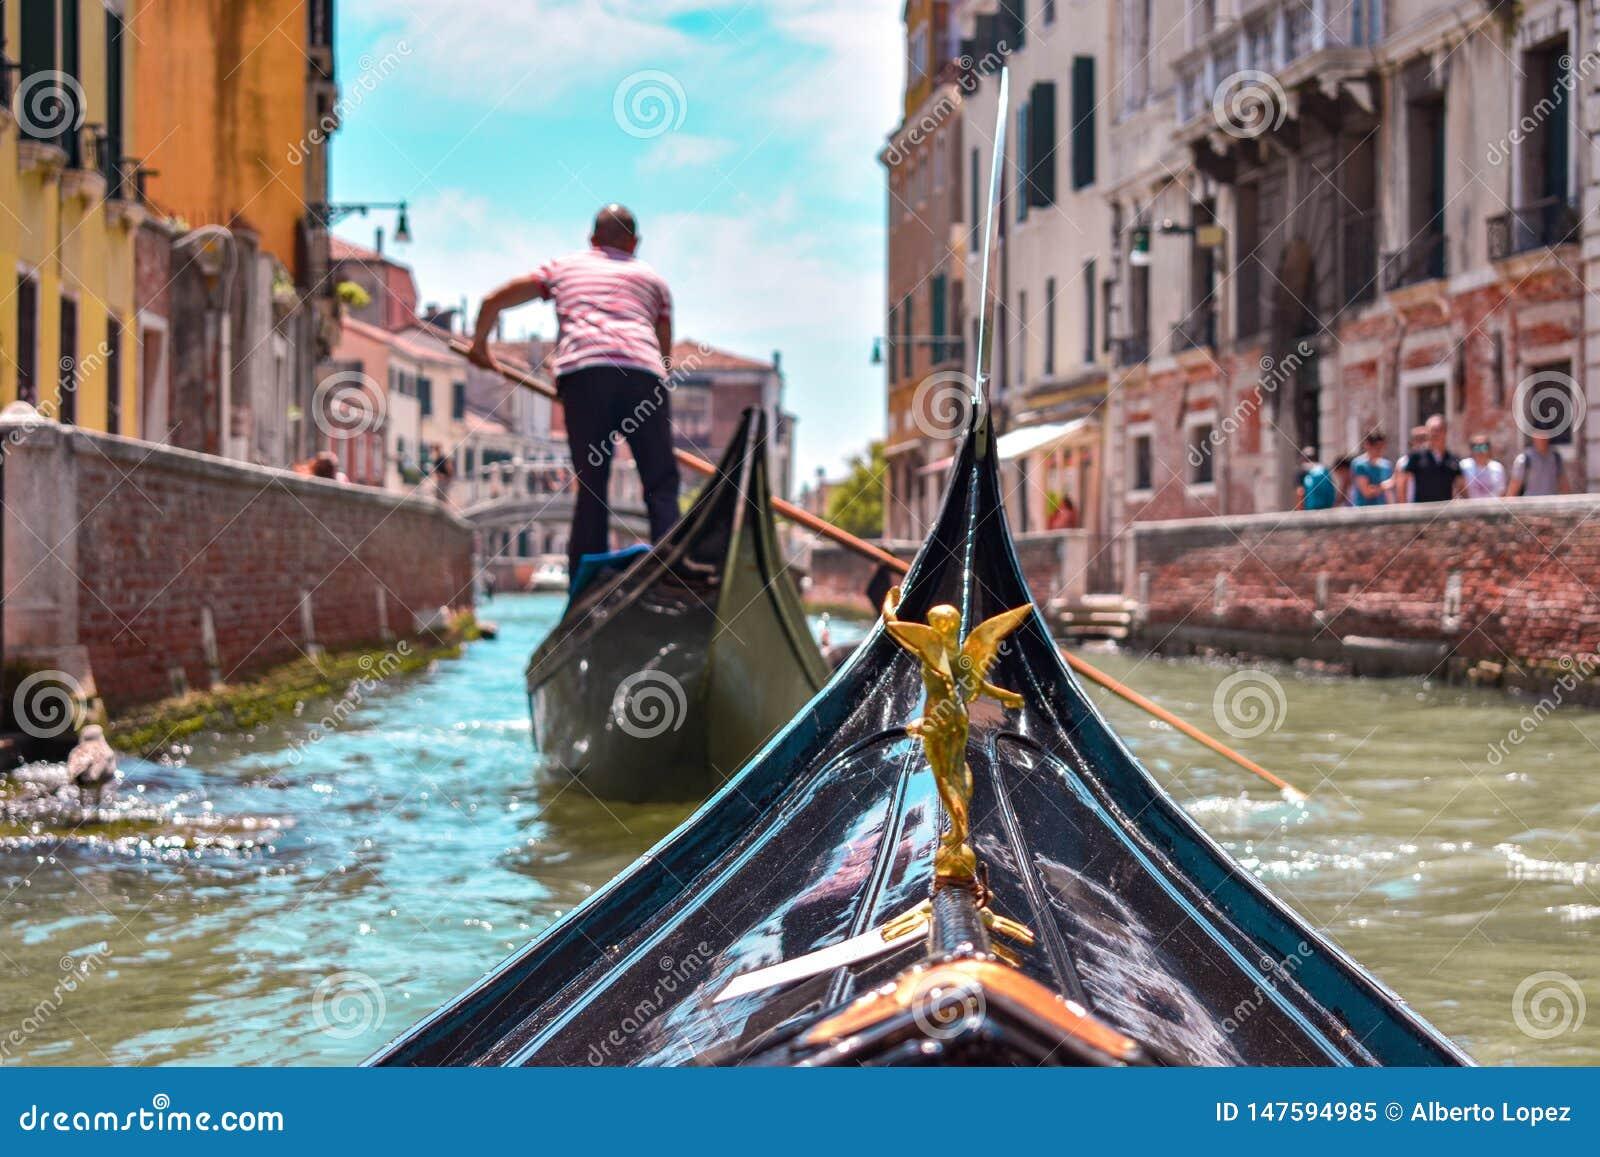 Primeira opinião da pessoa de uma gôndola em Veneza